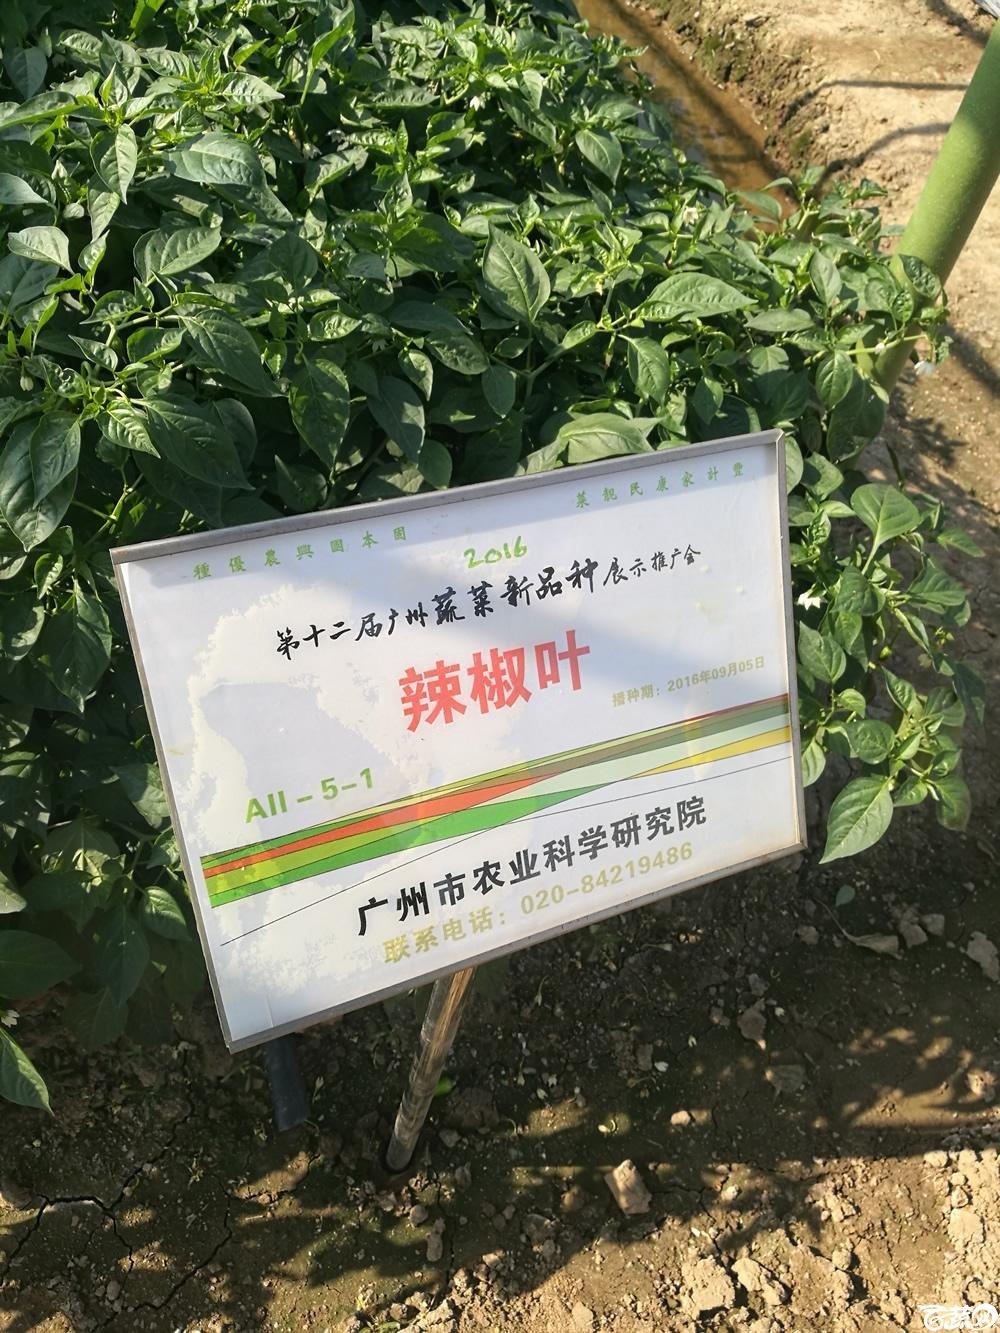 2016年12届广州蔬菜新品种展示会,广州市农科院辣椒叶_001.jpg